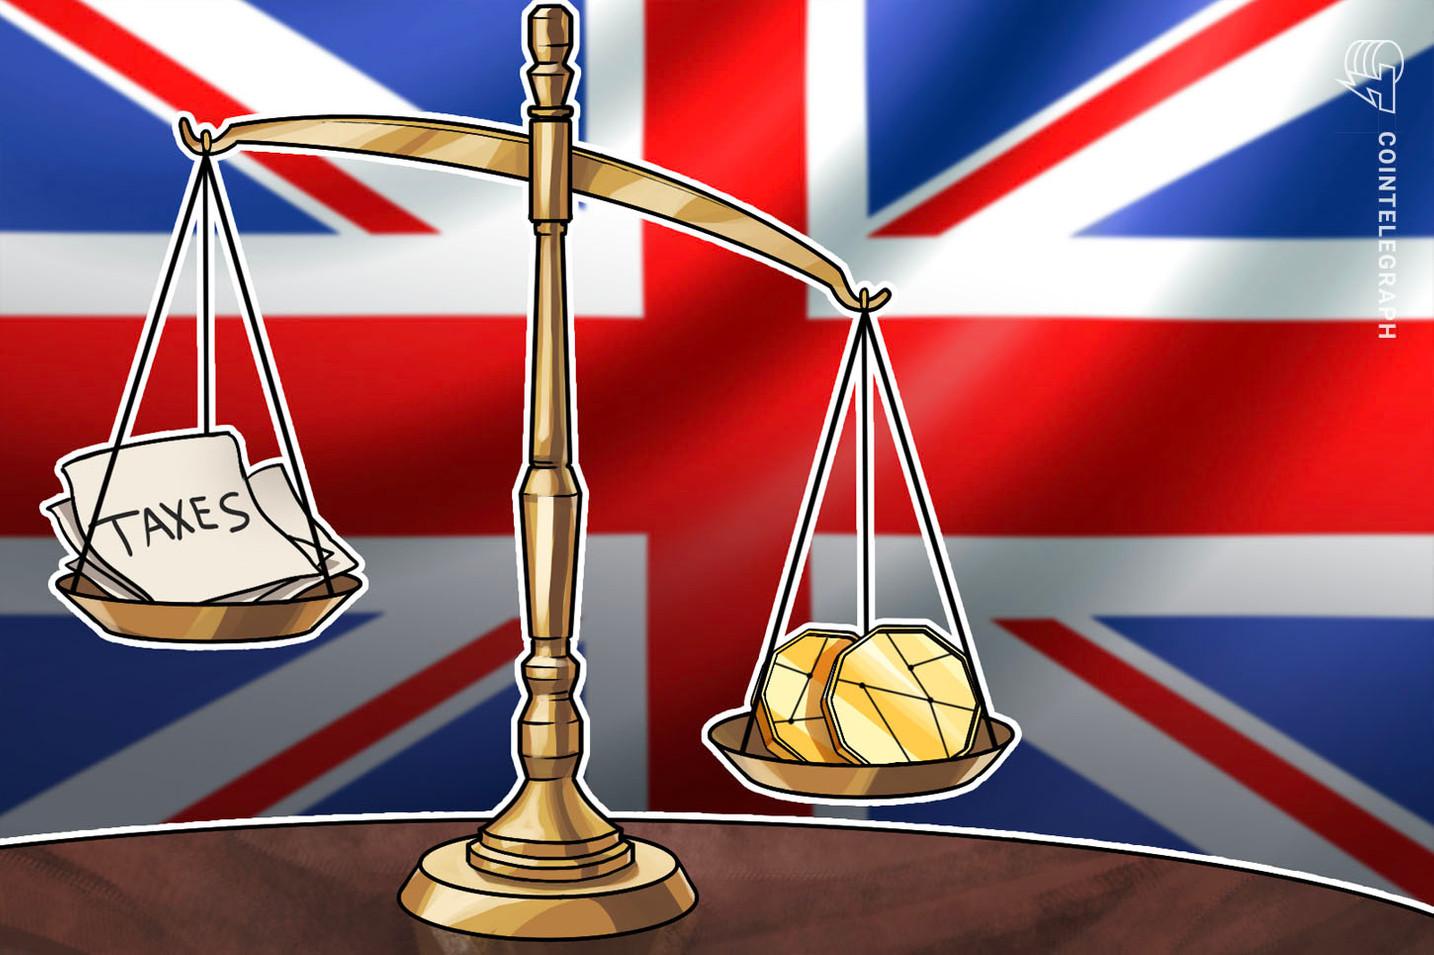 La autoridad tributaria británica actualiza las normas de criptomonedas, dice que no es dinero